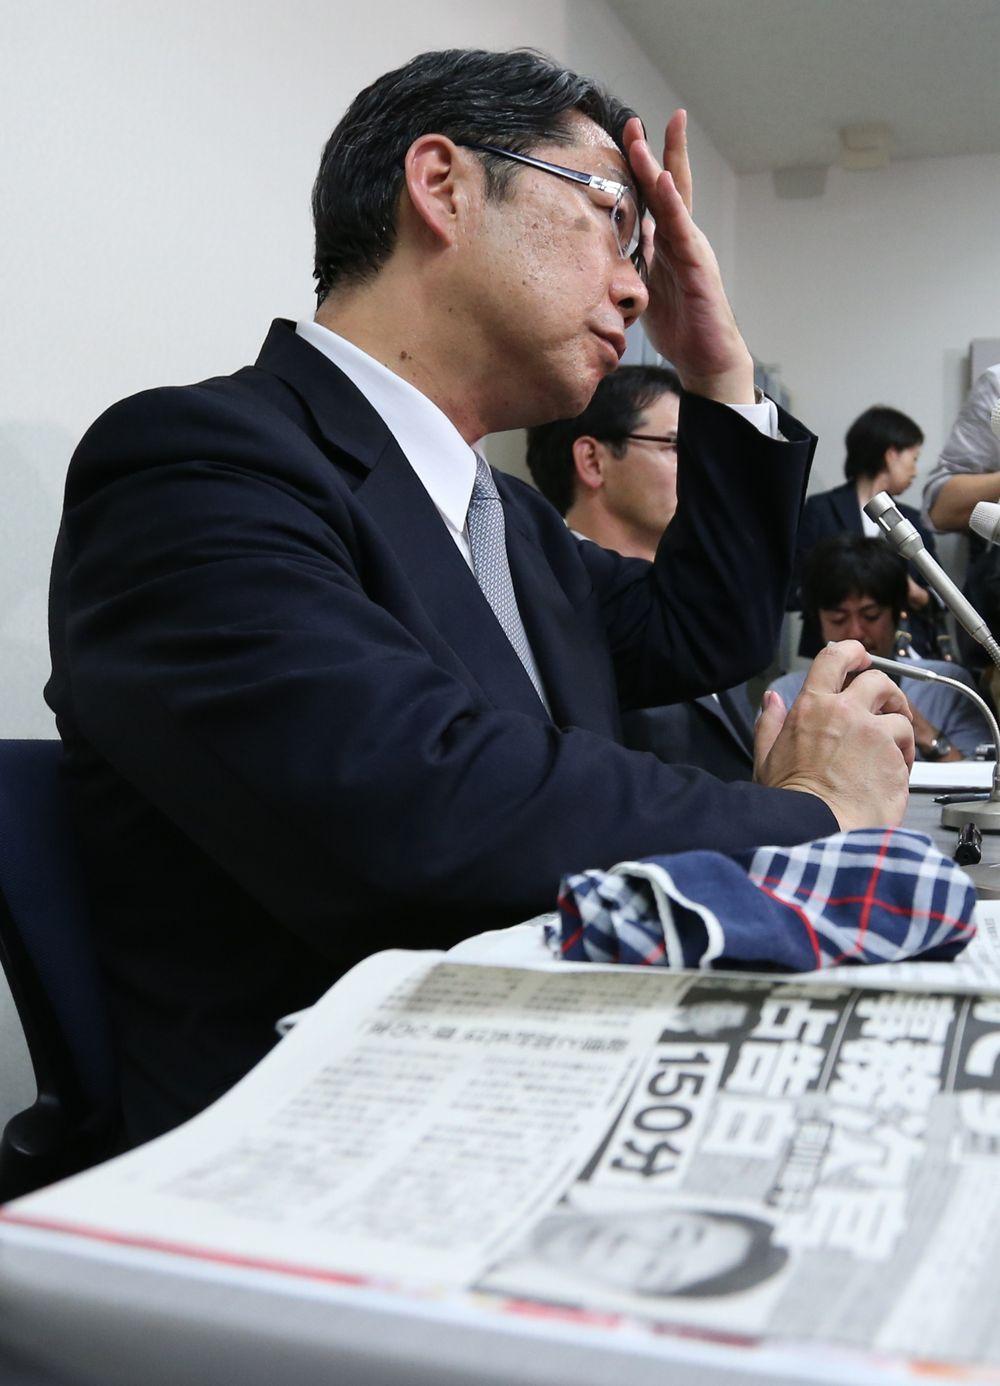 自身の記事が掲載された週刊誌を傍らに置いて会見する前川喜平・前文科事務次官=5月25日